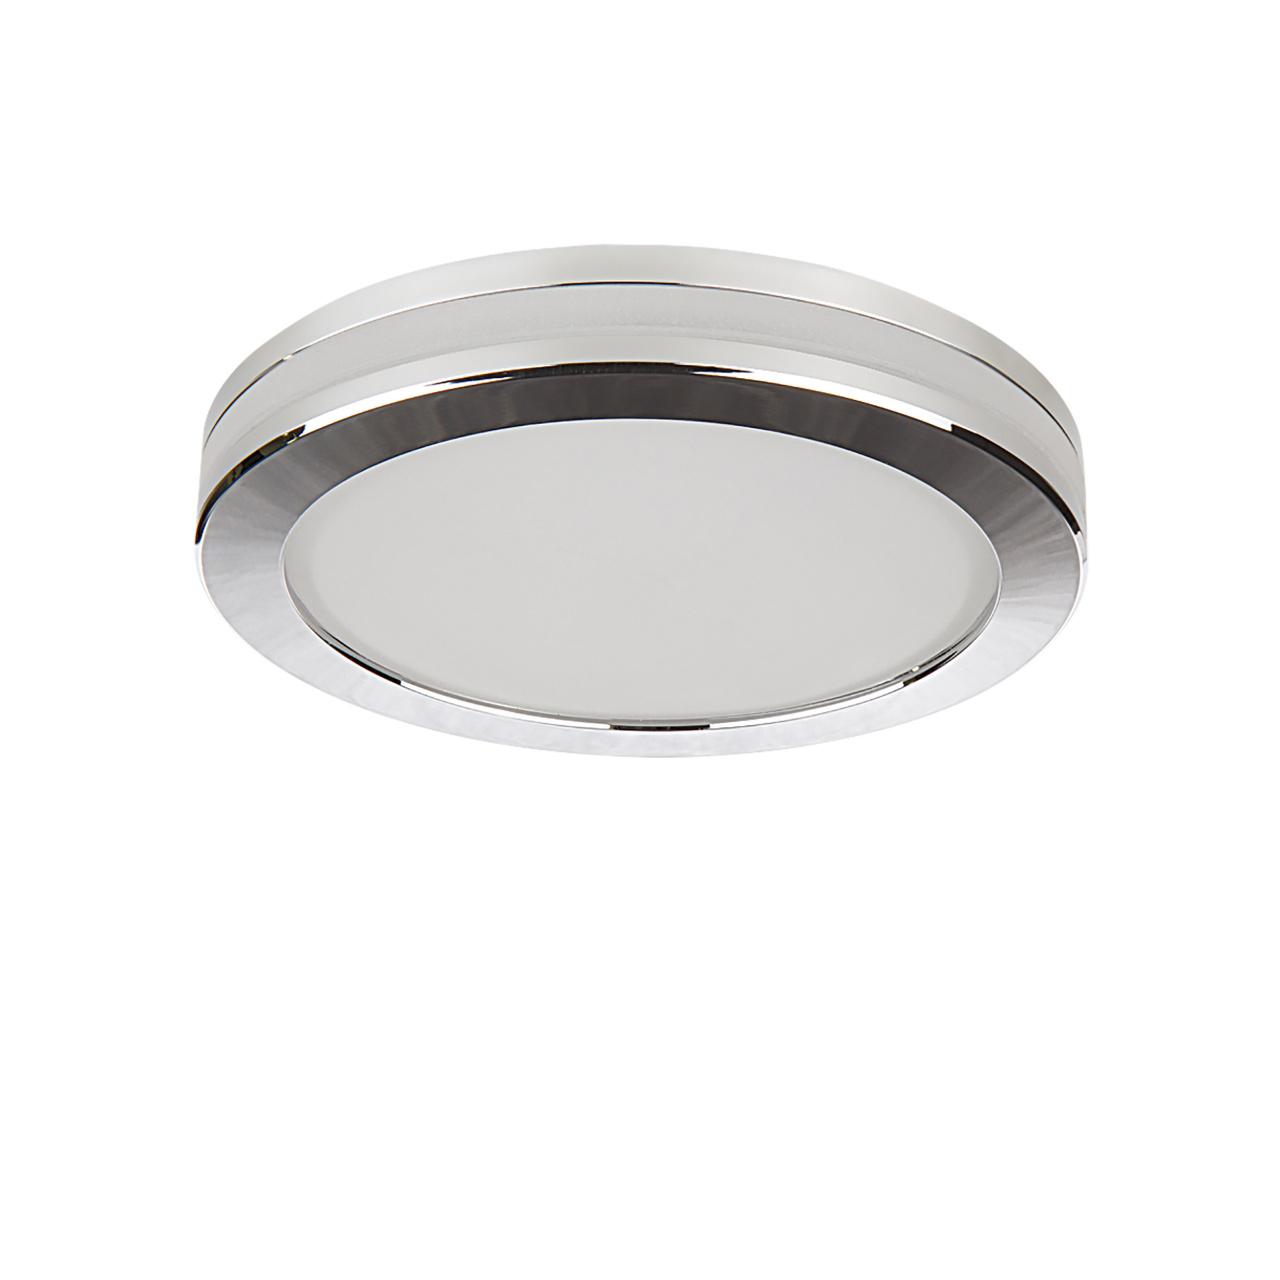 Светильник Maturo LED 9W 730LM хром / матовый 3000K Lightstar 070262